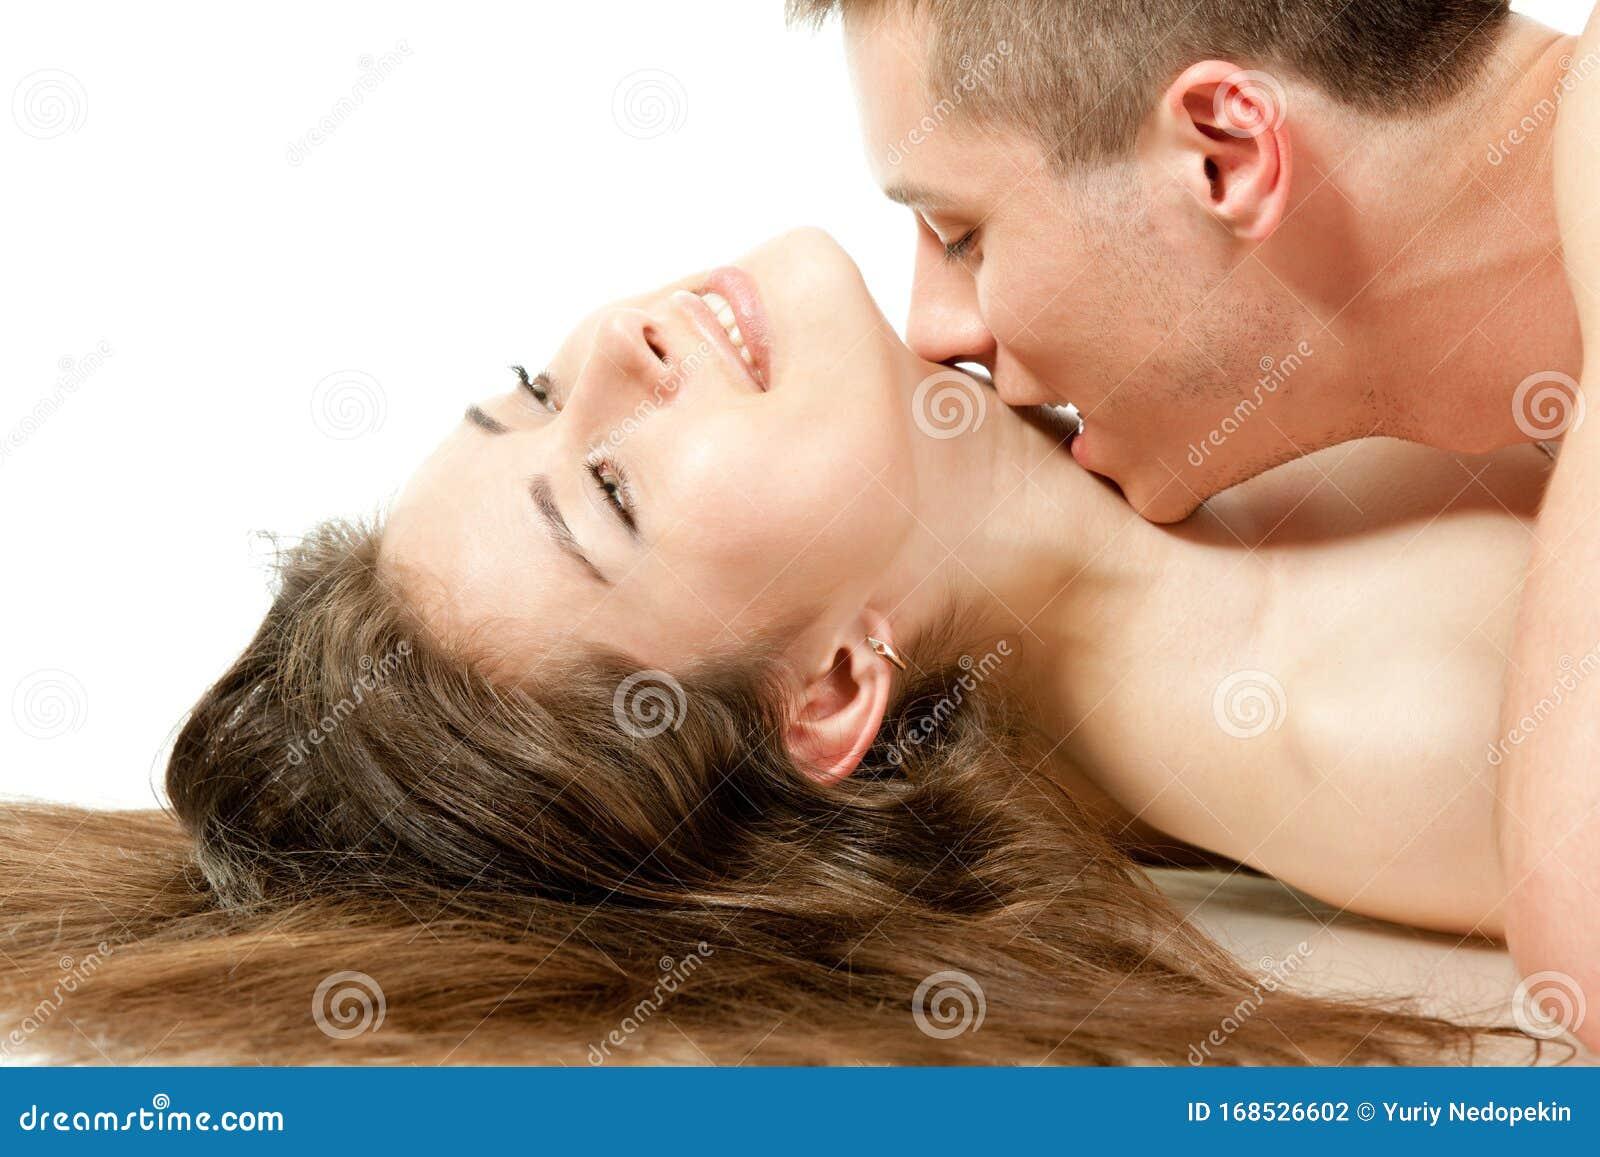 Neck kiss of pics 10 Sexy